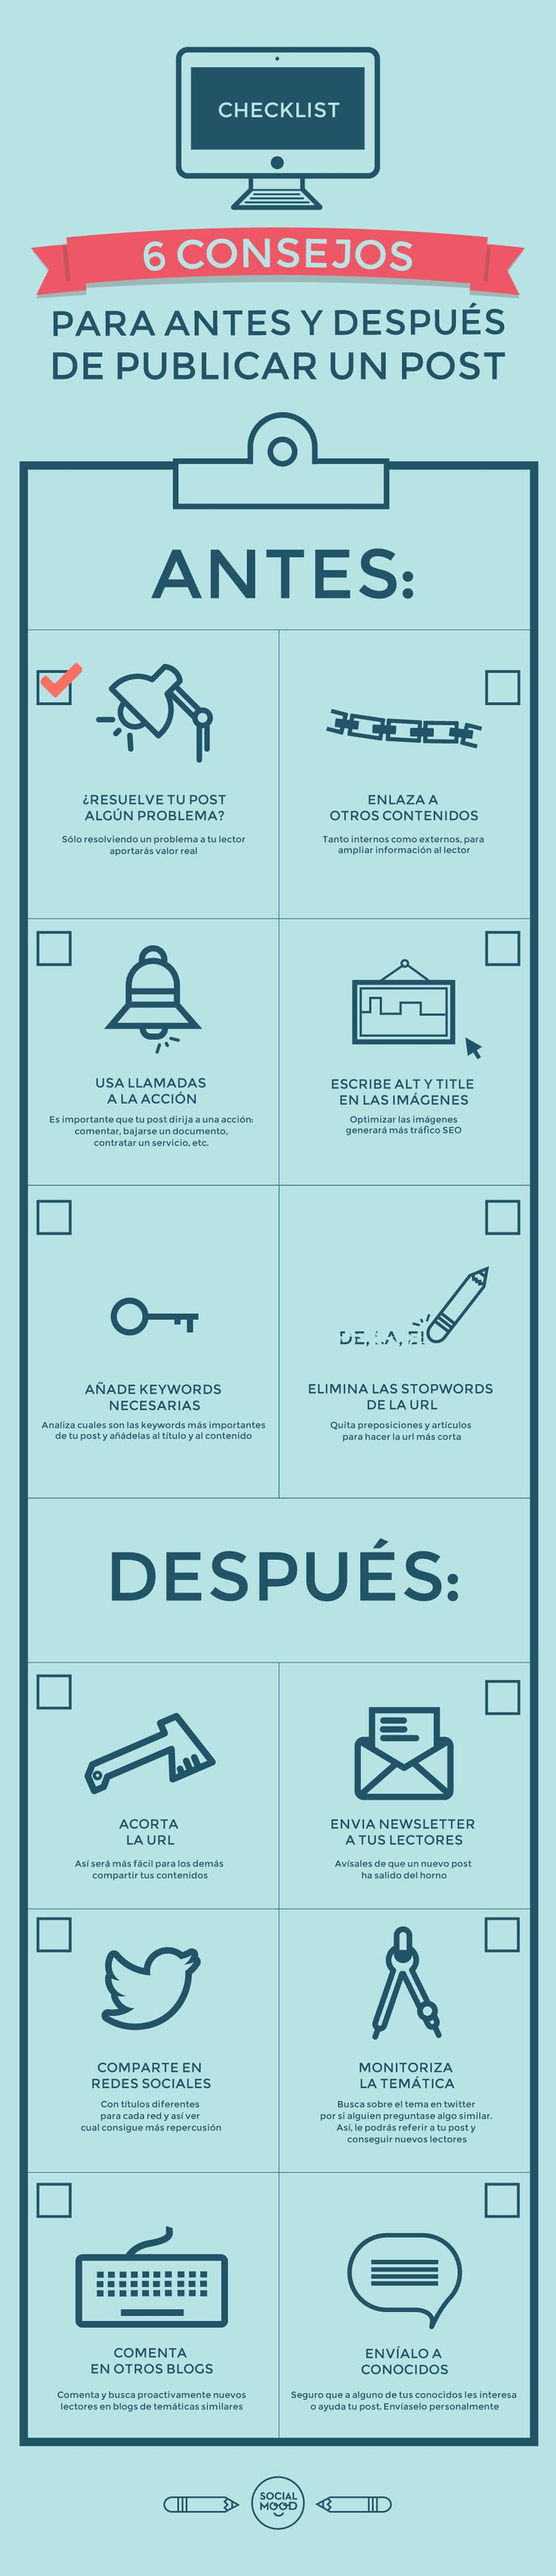 6 consejos para antes y después de publicar un post. Infografía en español. #ComunityManager